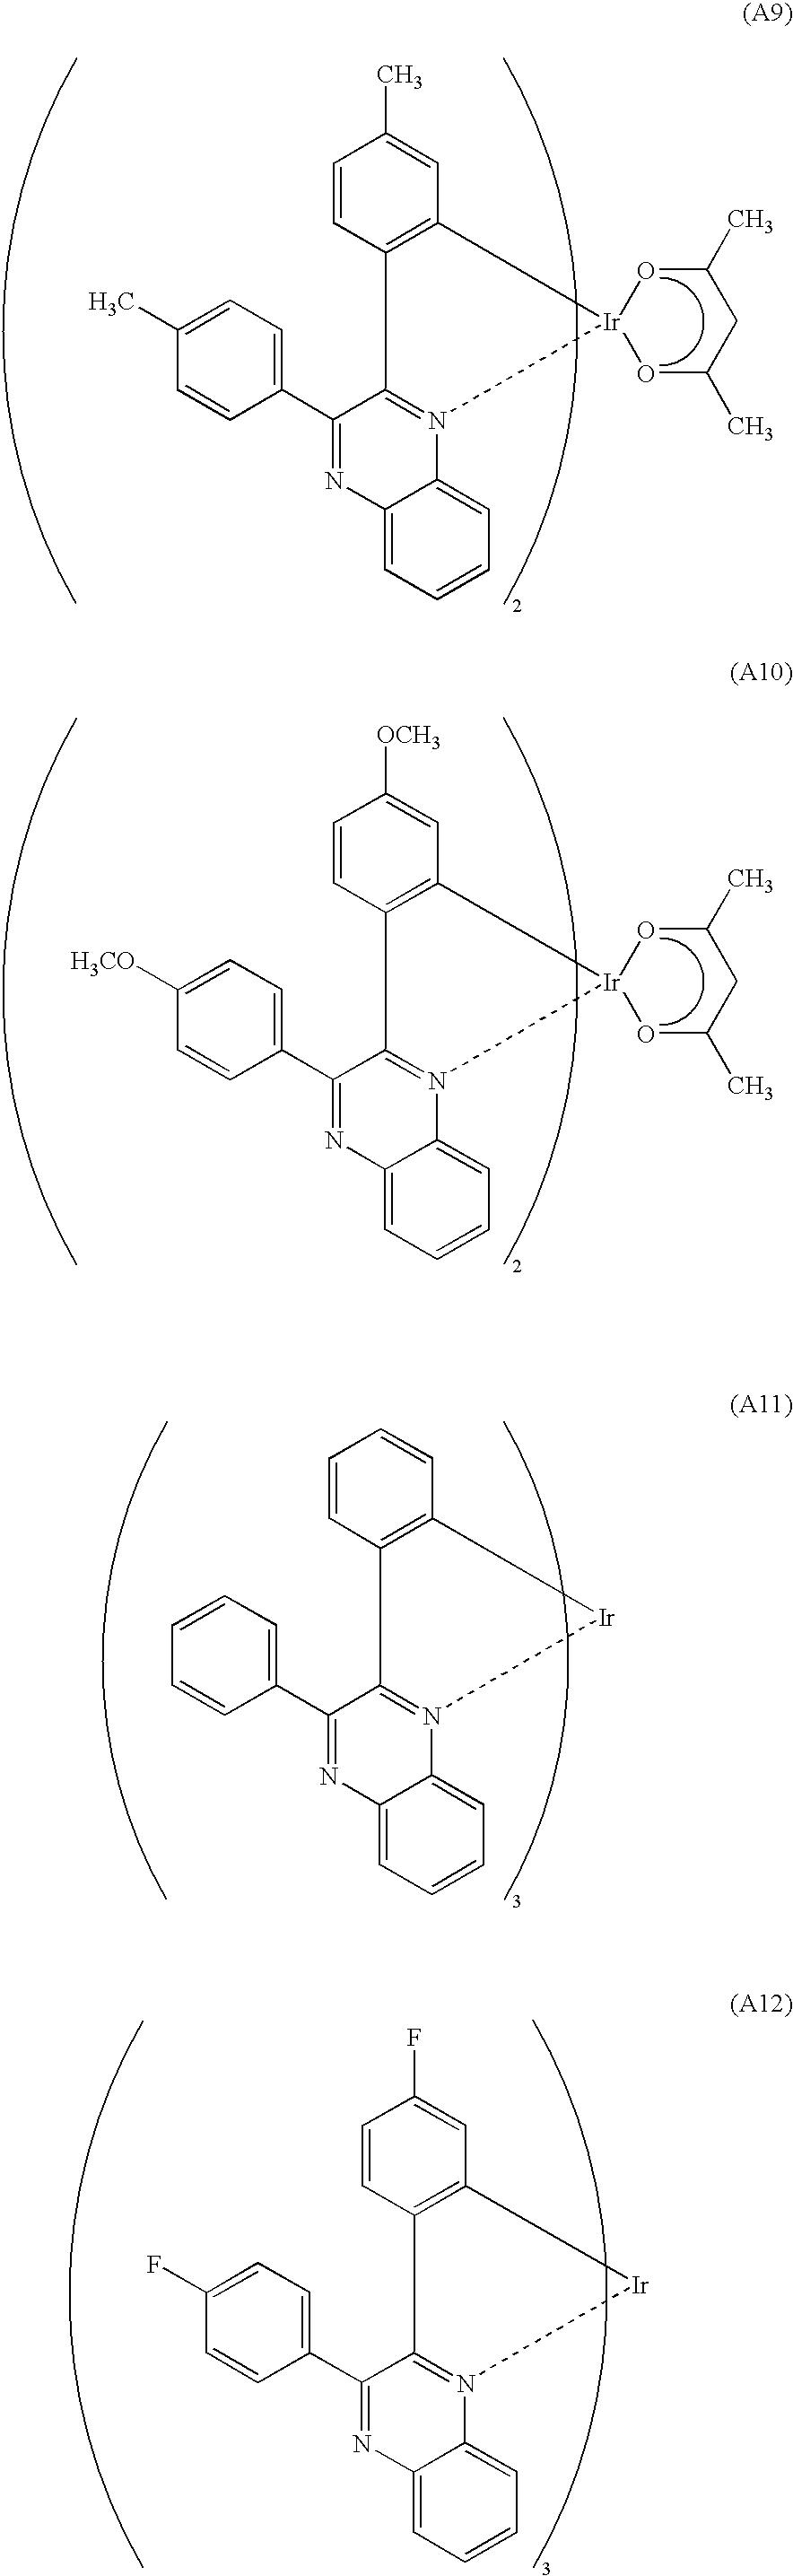 Figure US20100059741A1-20100311-C00003